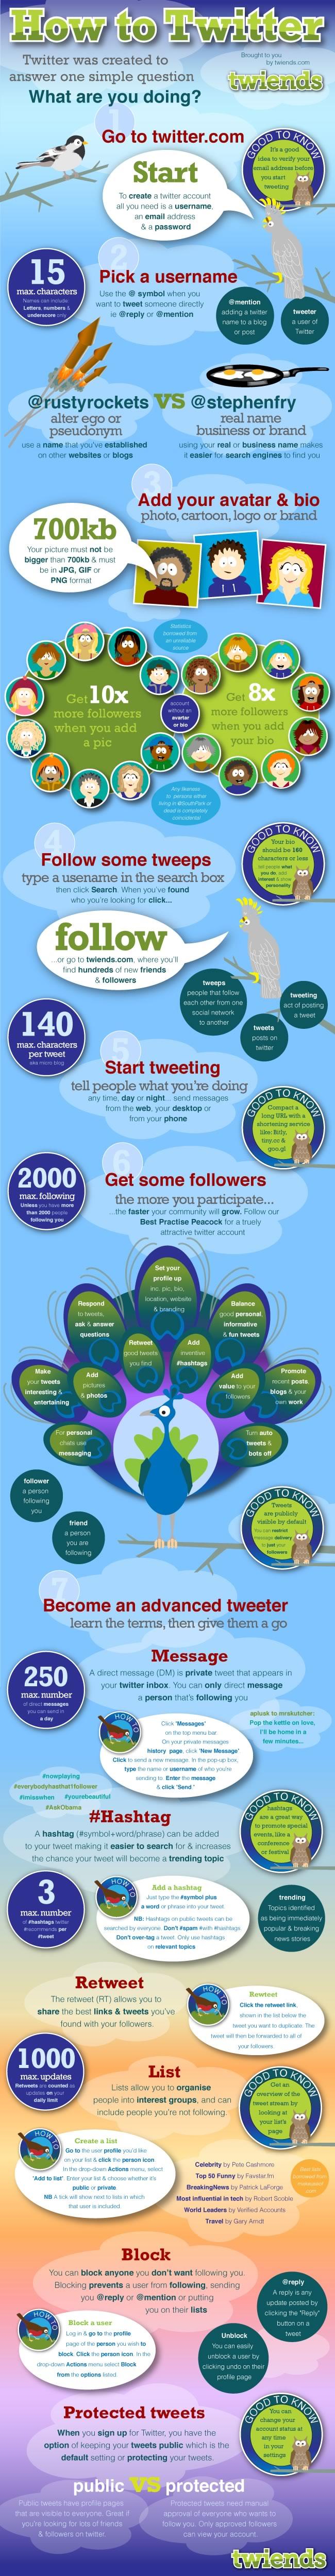 ¿Cómo usar Twitter? [Infografía] - usar-twitter